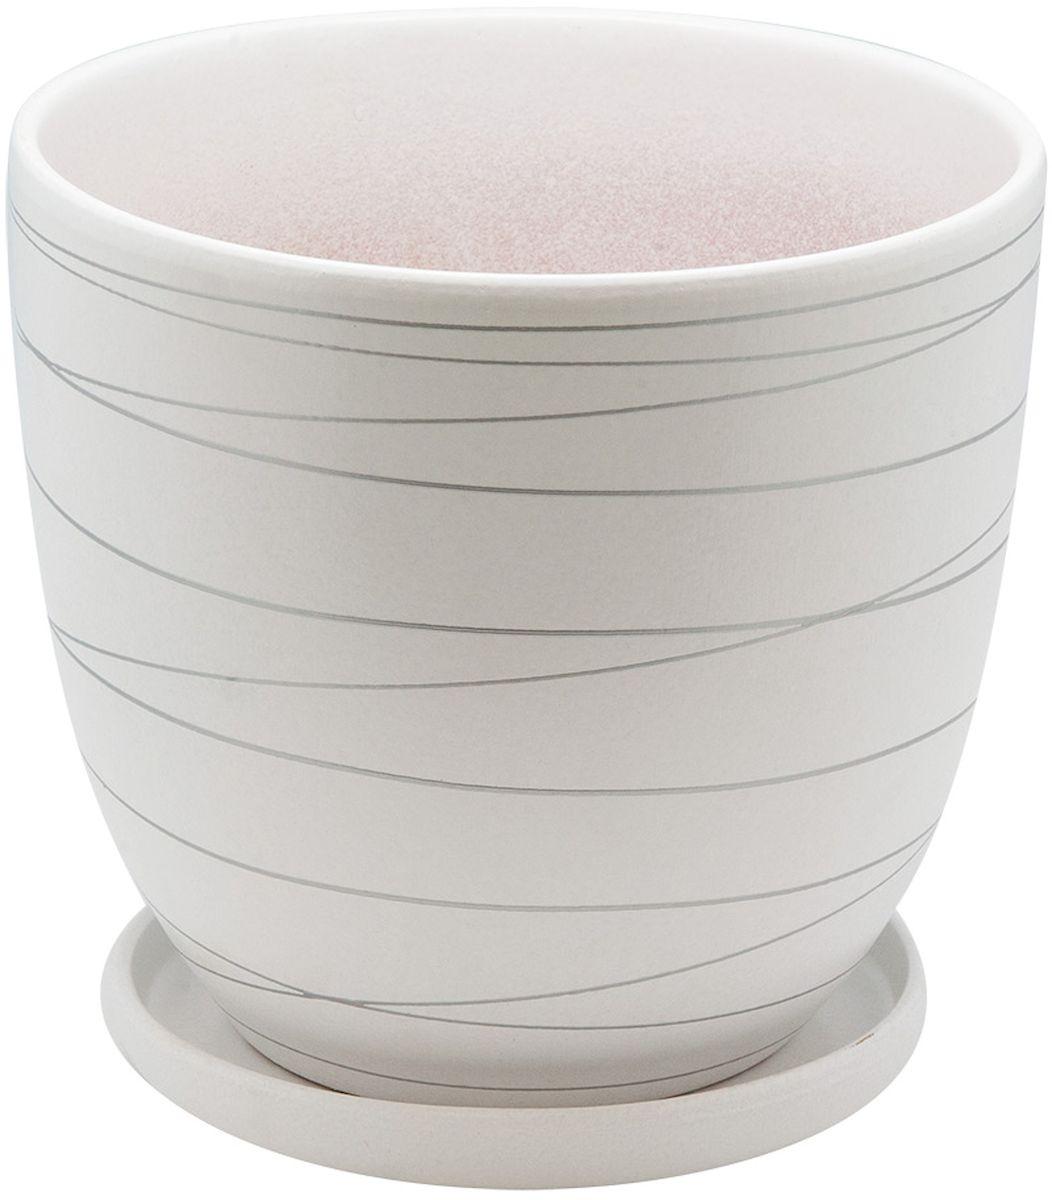 Горшок цветочный Engard, с поддоном, цвет: белый, серебристый, 4,7 лBH-04-3Керамический горшок Engard - это идеальное решение для выращивания комнатных растений и создания изысканности в интерьере. Керамический горшок сделан из высококачественной глины в классической форме и оригинальном дизайне.Объем: 4,7 л.